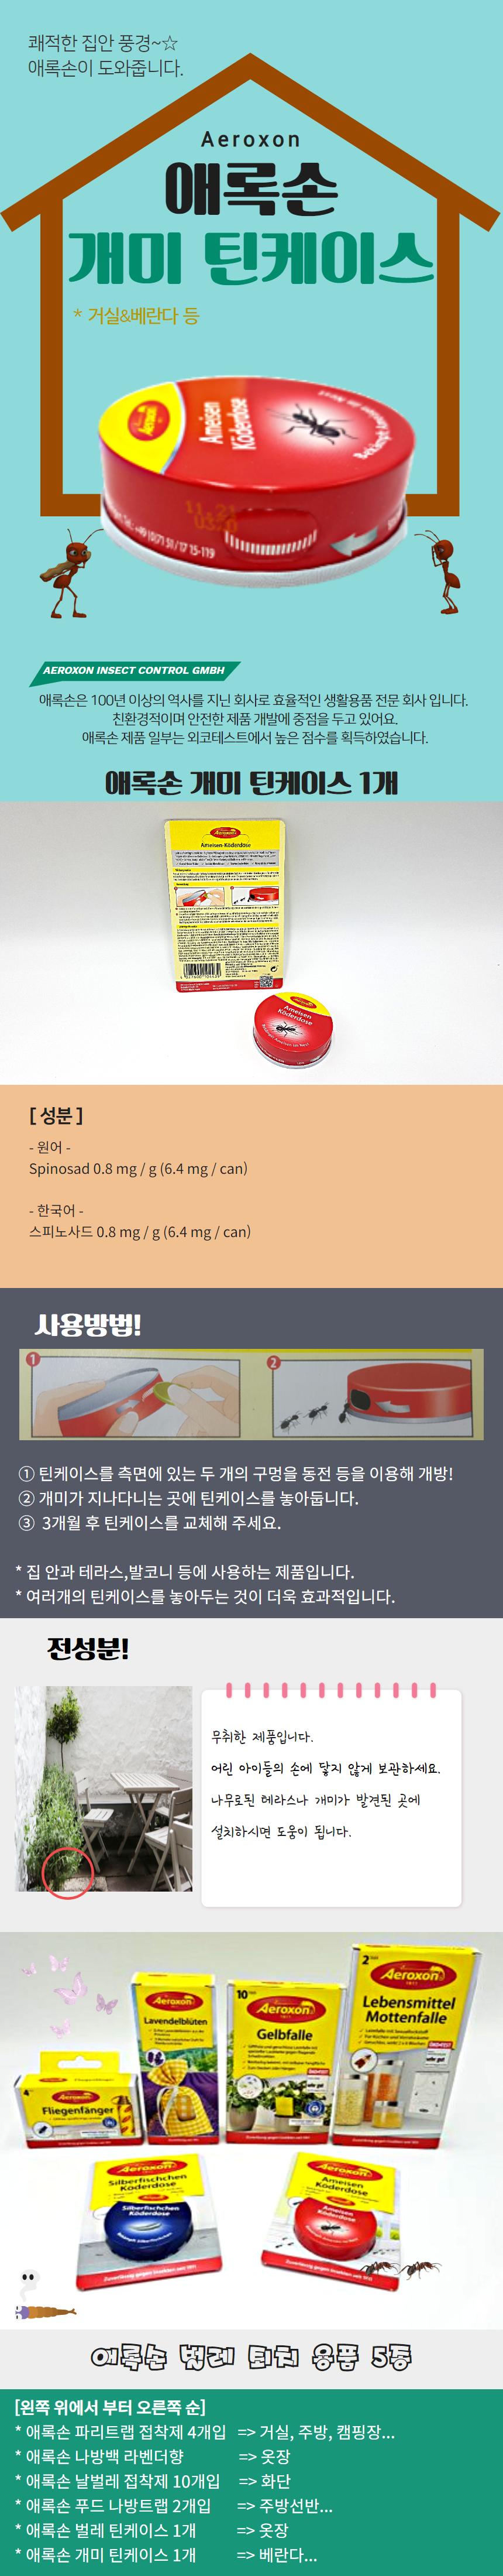 애록손 개미 틴케이스 1개 [8915] .png